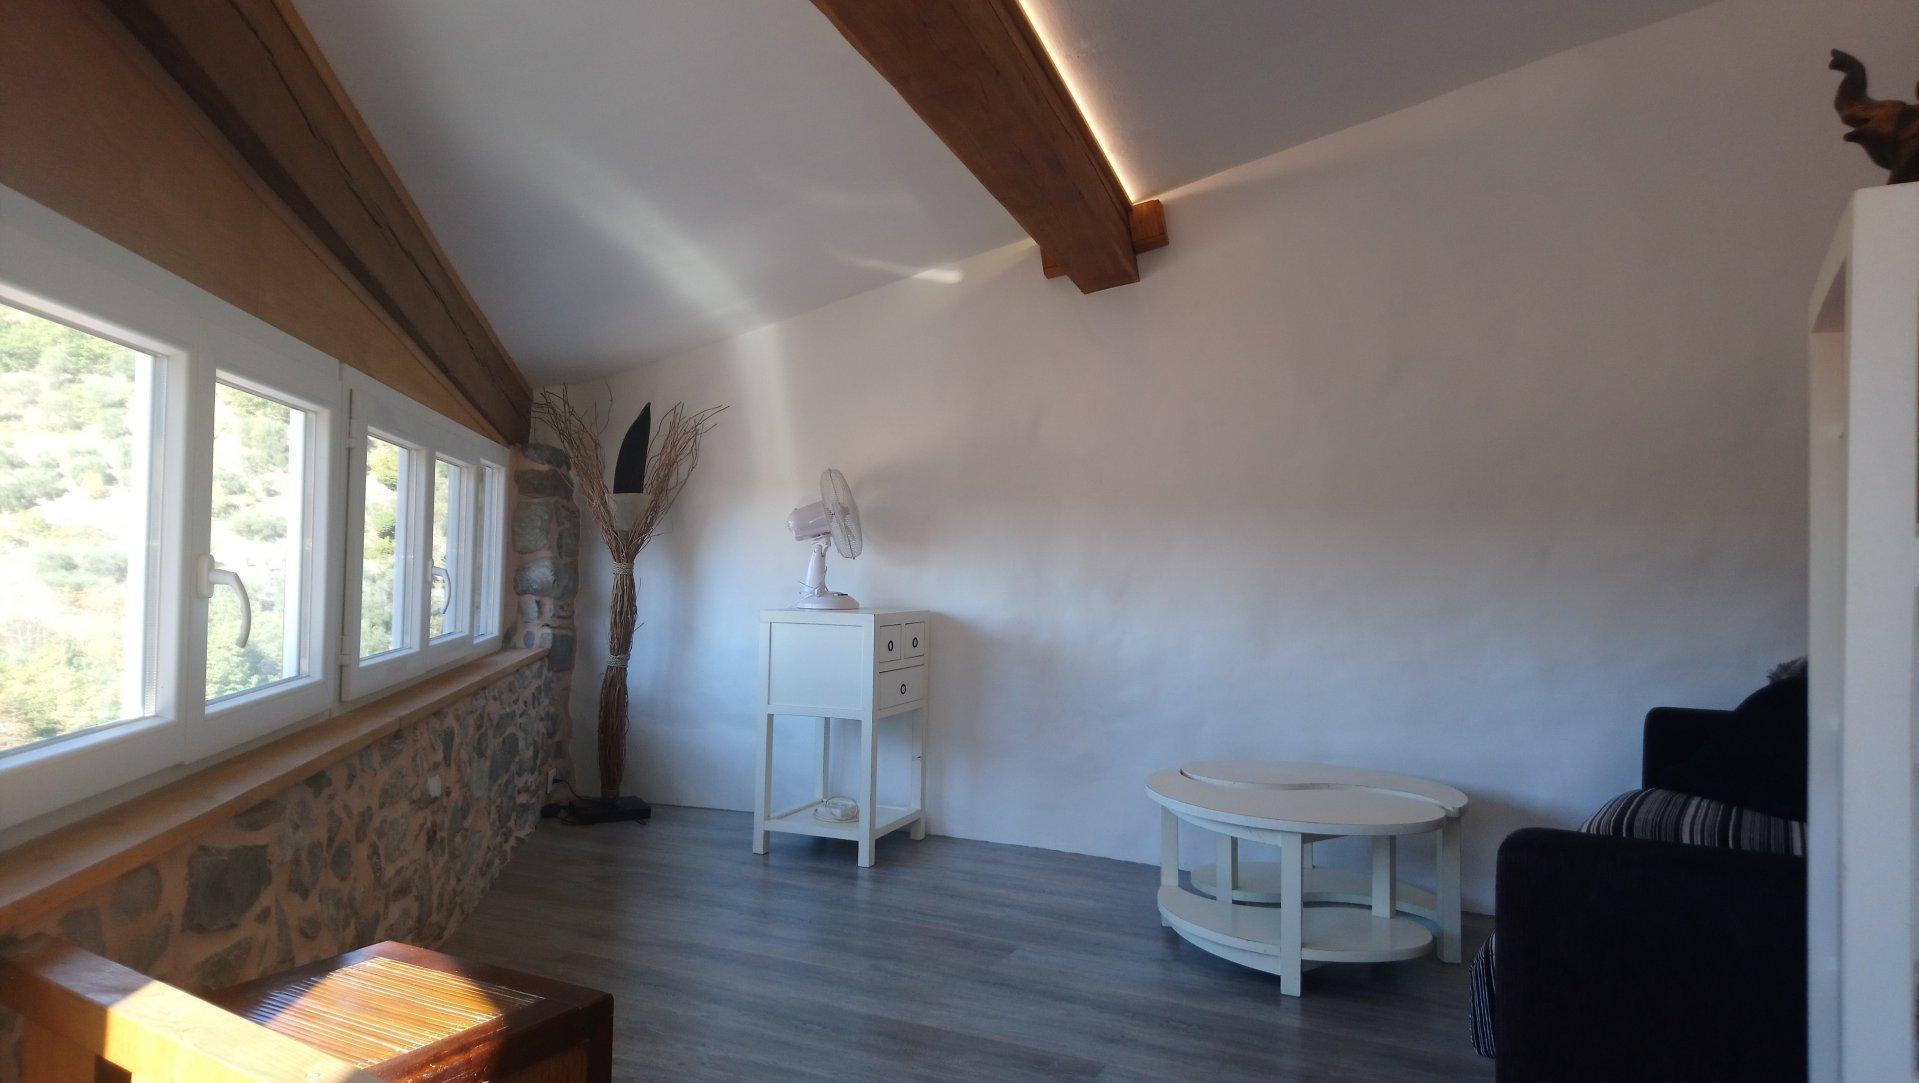 Maison de village d'environ 44 m² sur 3 niveaux